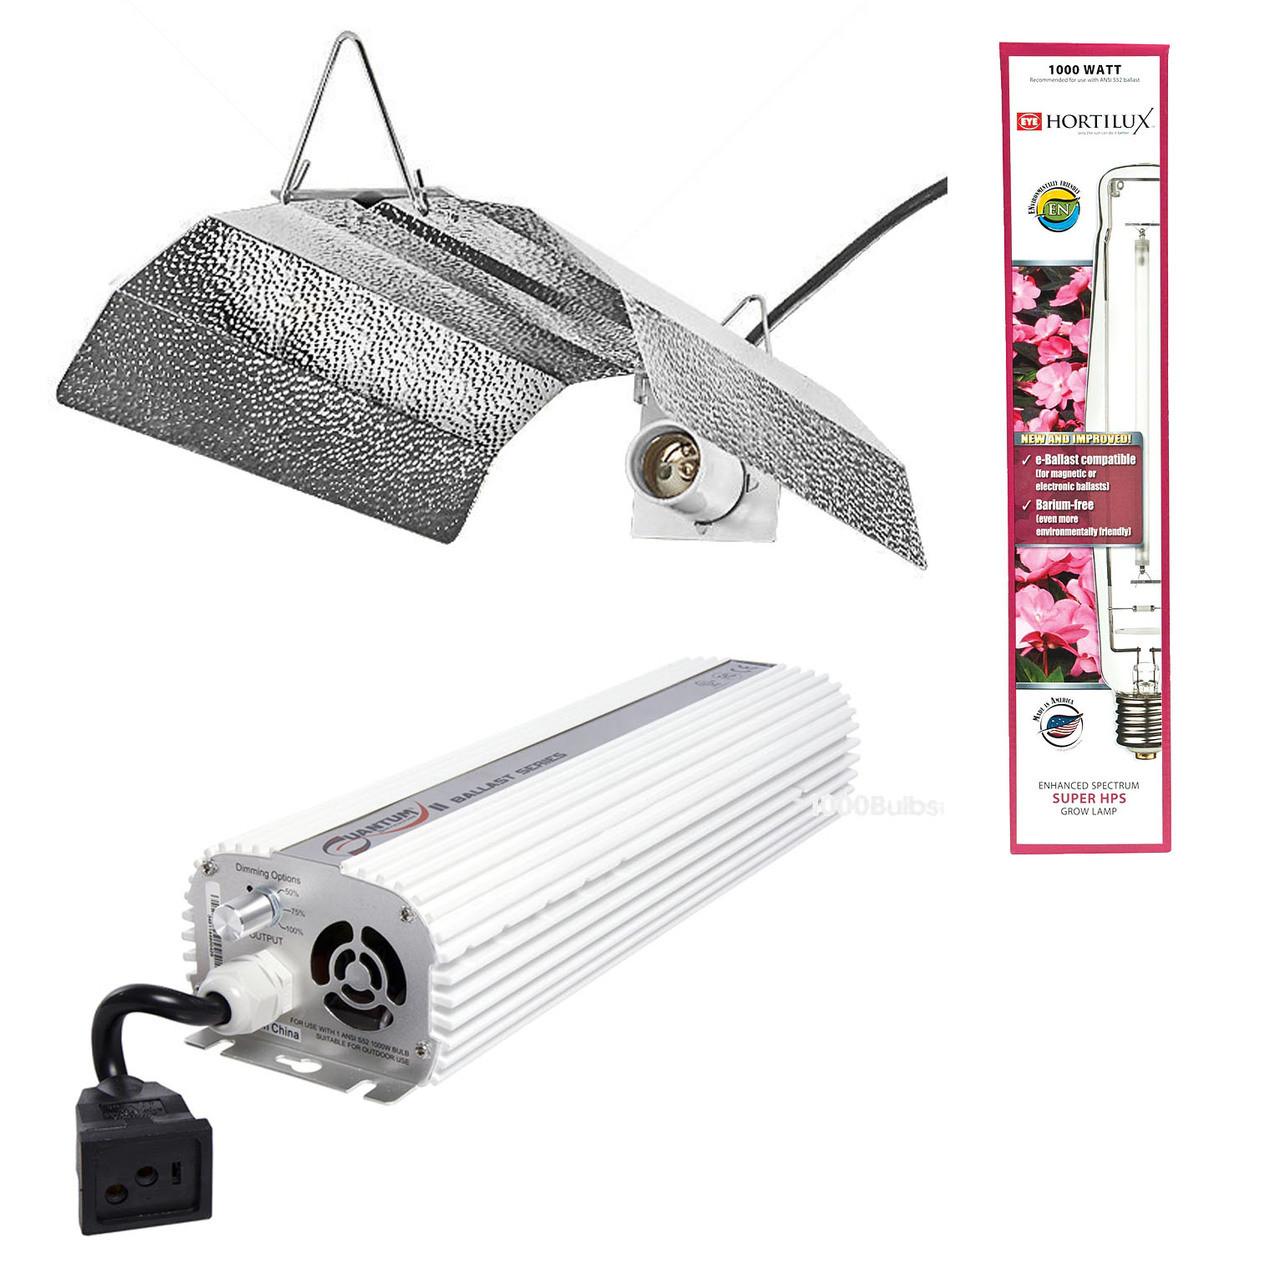 Quantum 1000w HPS Kit w/ Hortilux Bulb